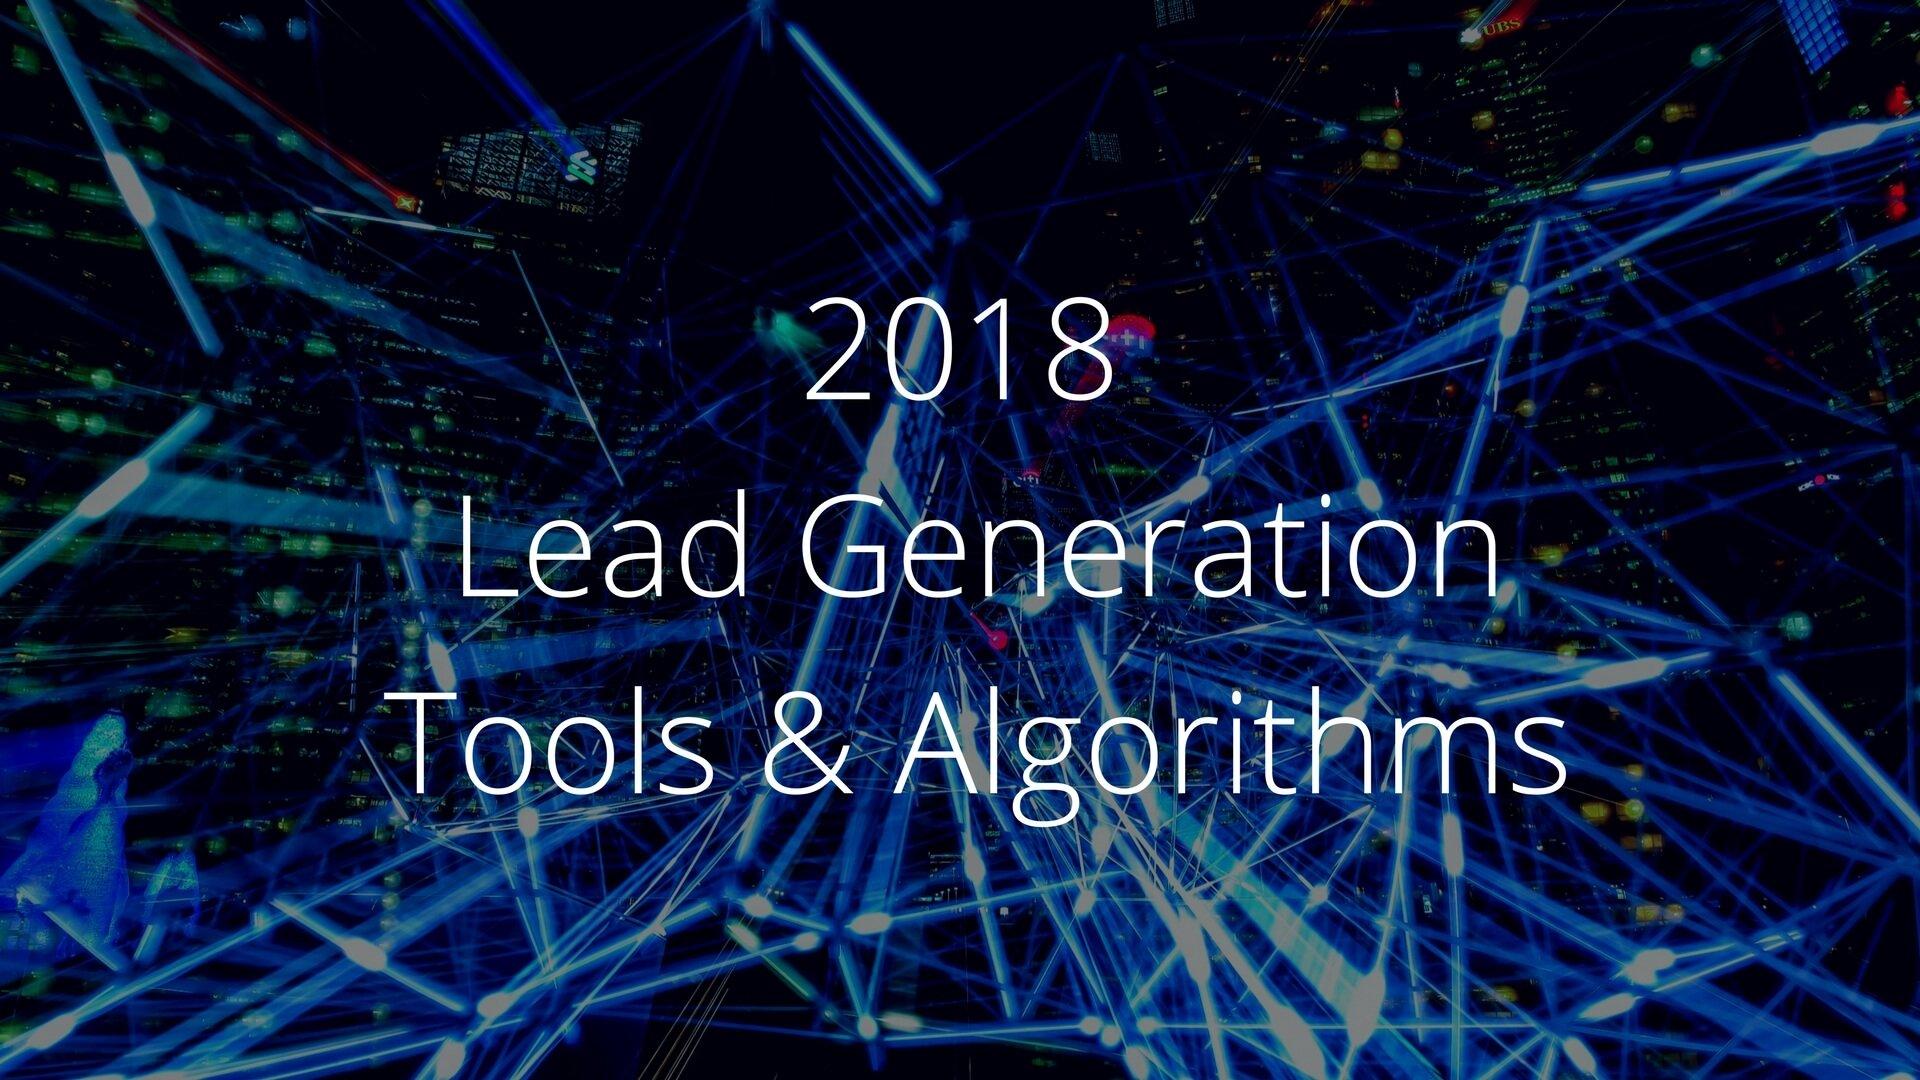 2018 Lead Generation Tools & Algorithms